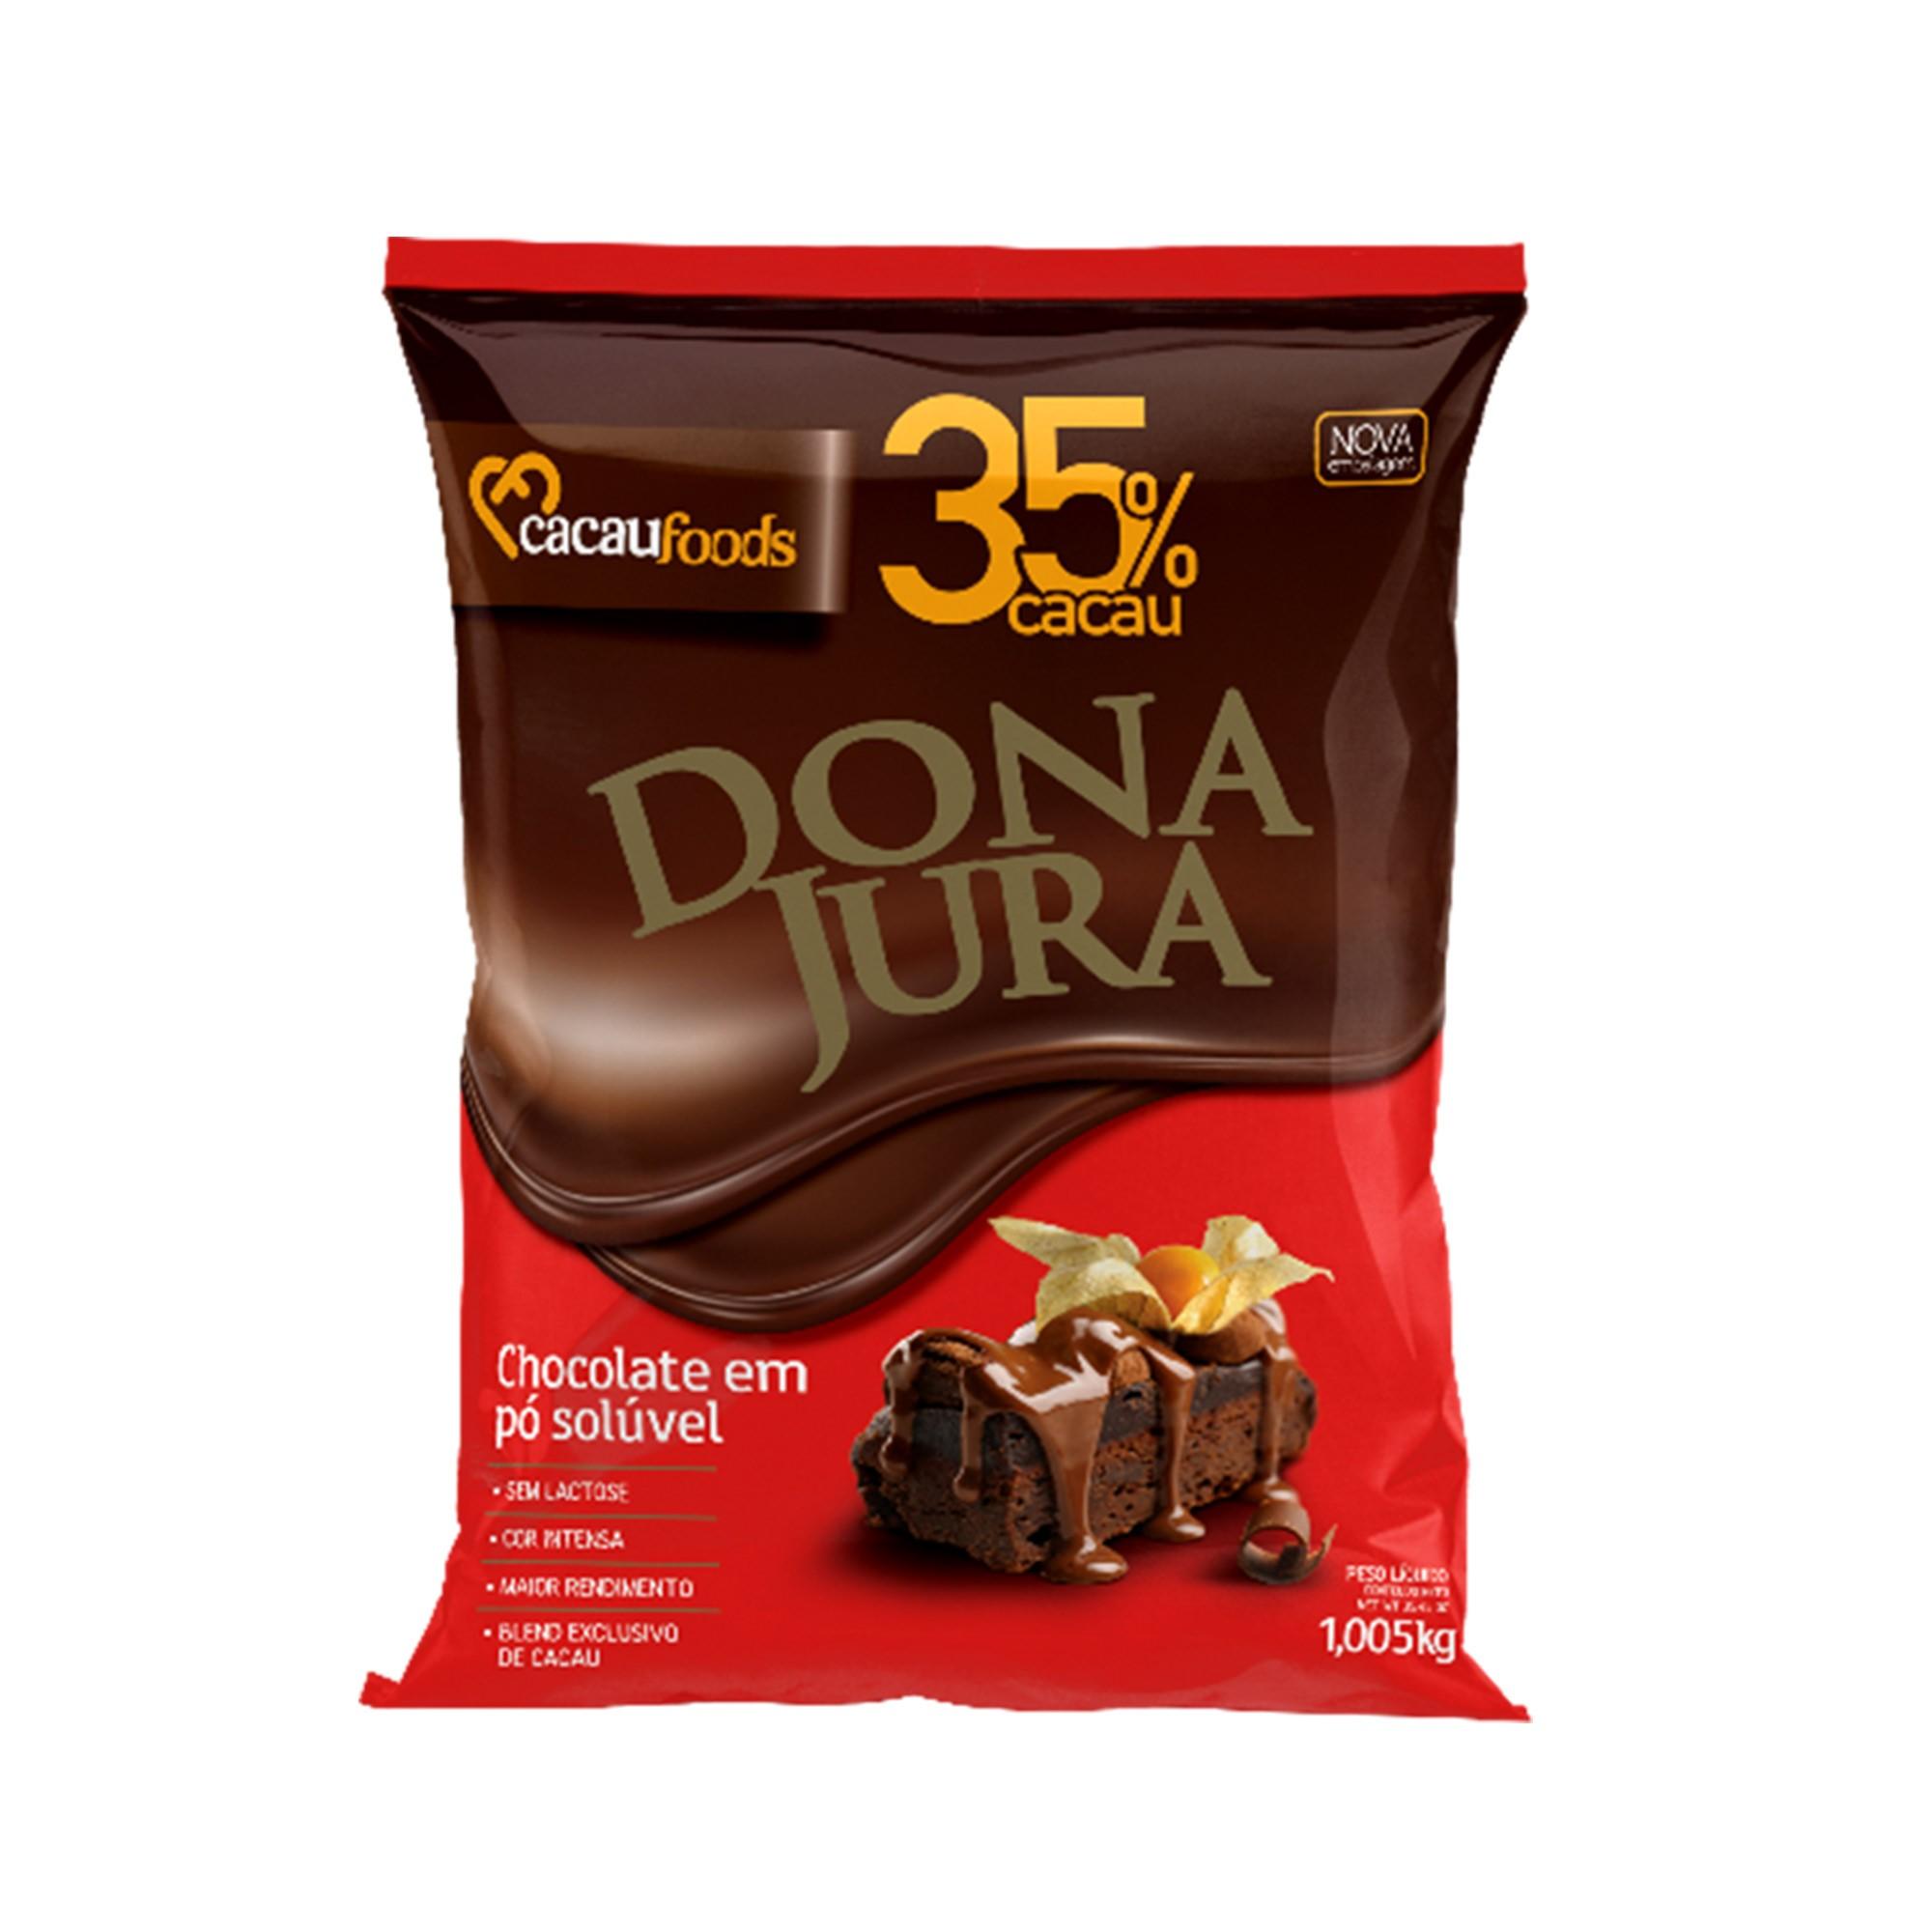 Chocolate Em Pó Solúvel 35% Cacau Dona Jura 1005Kg